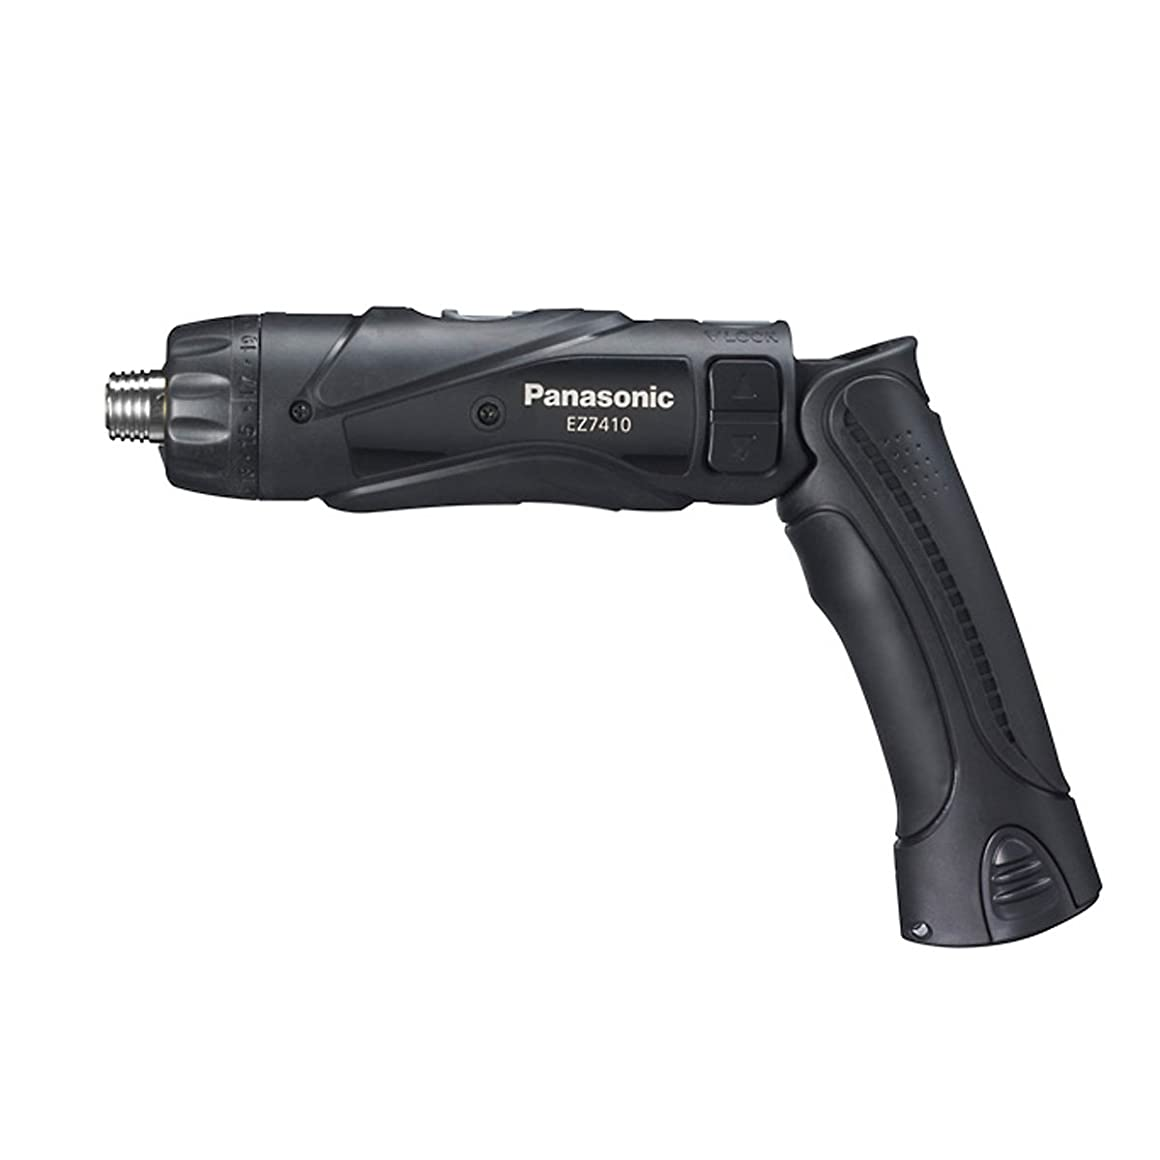 合唱団主観的膨らみパナソニック(Panasonic) 充電スティックドリルドライバー 3.6V 【電池パック2個?充電器?ケースセット】 ブラック EZ7410LA2SB1